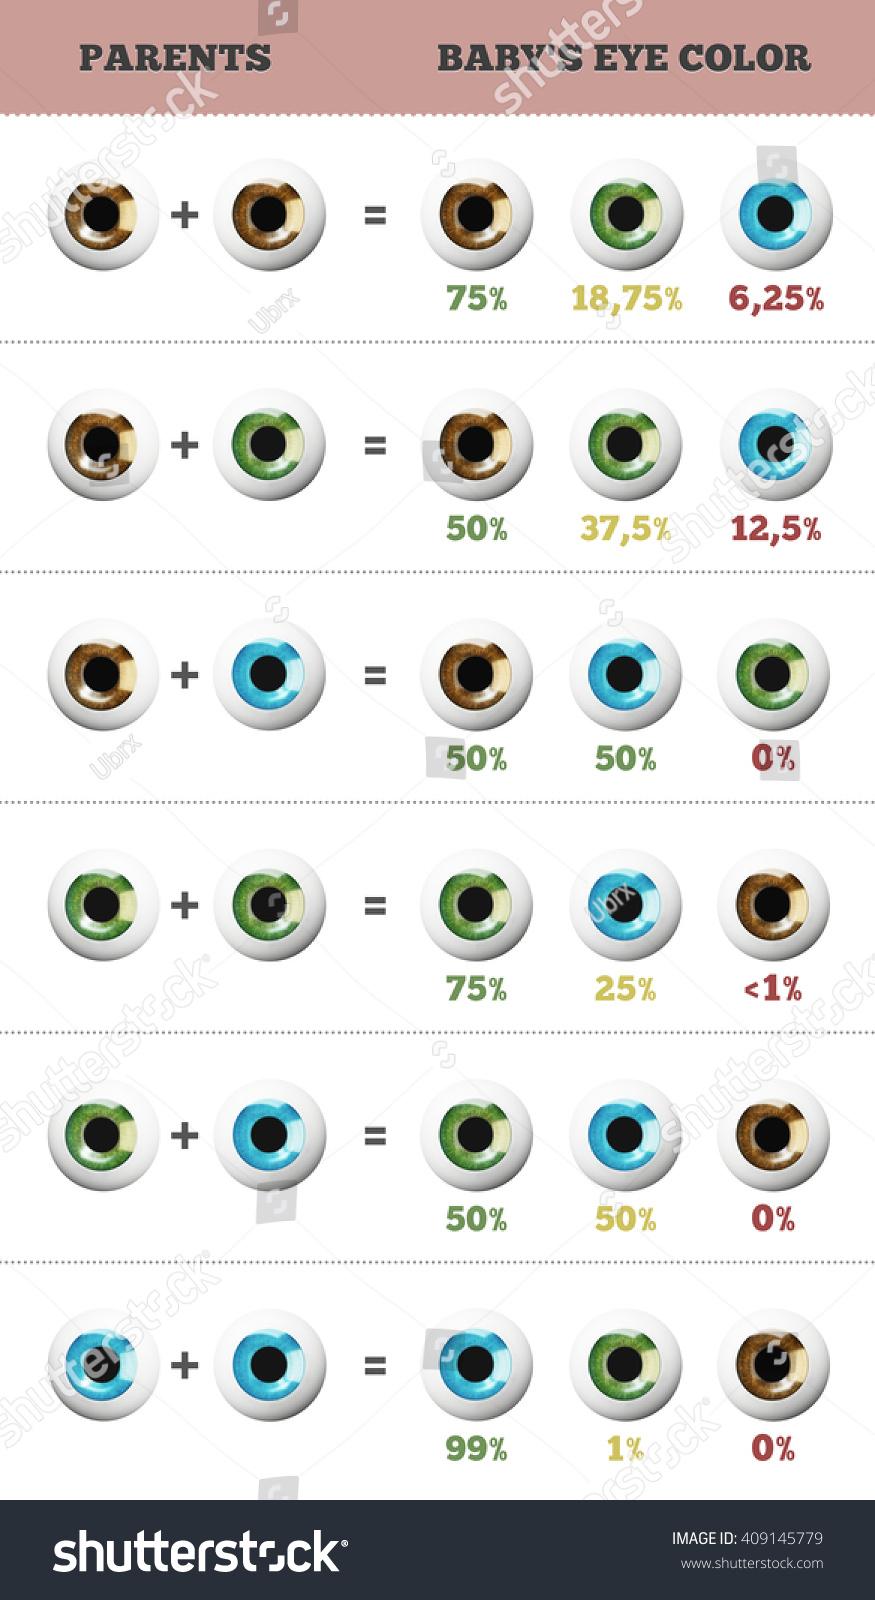 Baby eye color predictor likelihood eyes stock illustration baby eye color predictor likelihood of eyes color of the baby 3d illustration nvjuhfo Choice Image